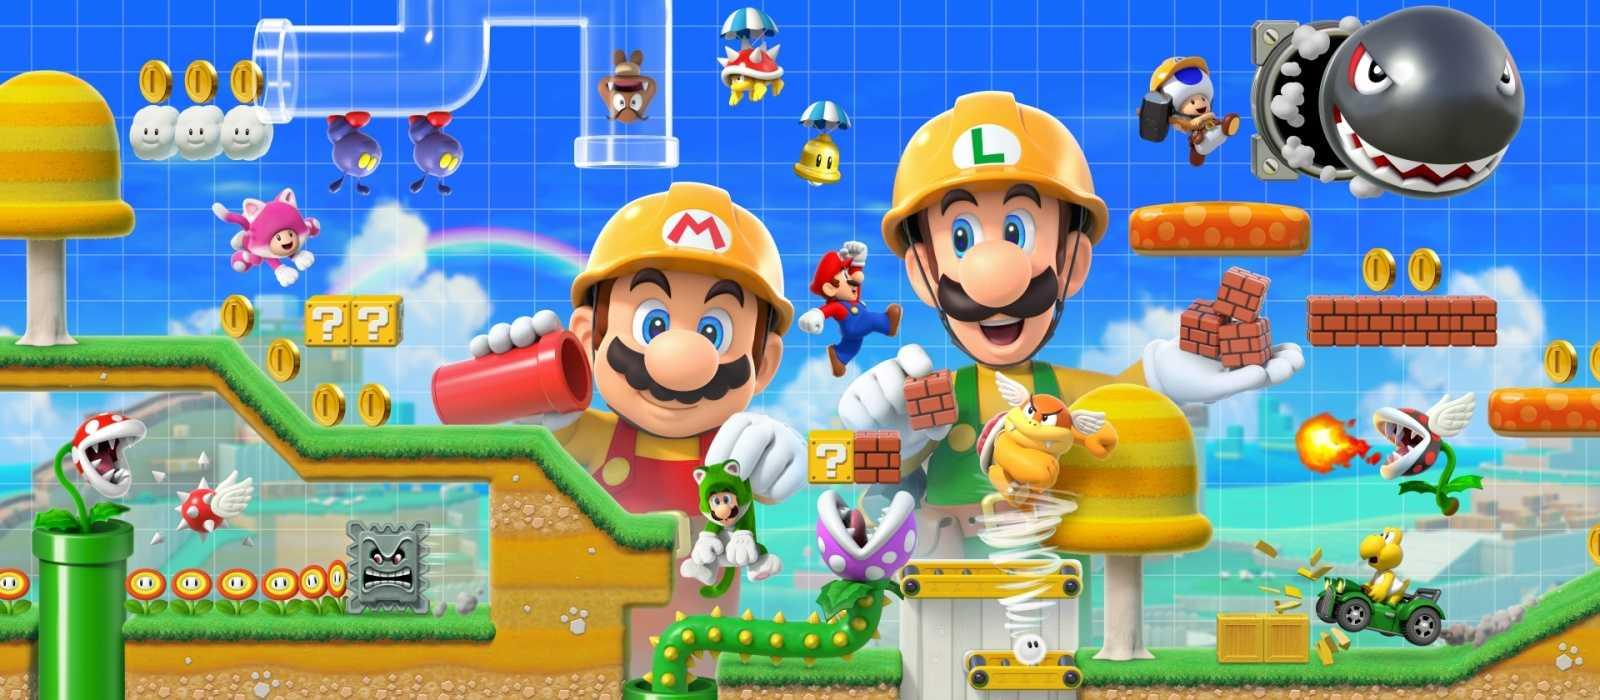 Spieler werden in Kürze in Super Mario Maker 2 - Details ihre eigenen Welten erschaffen können